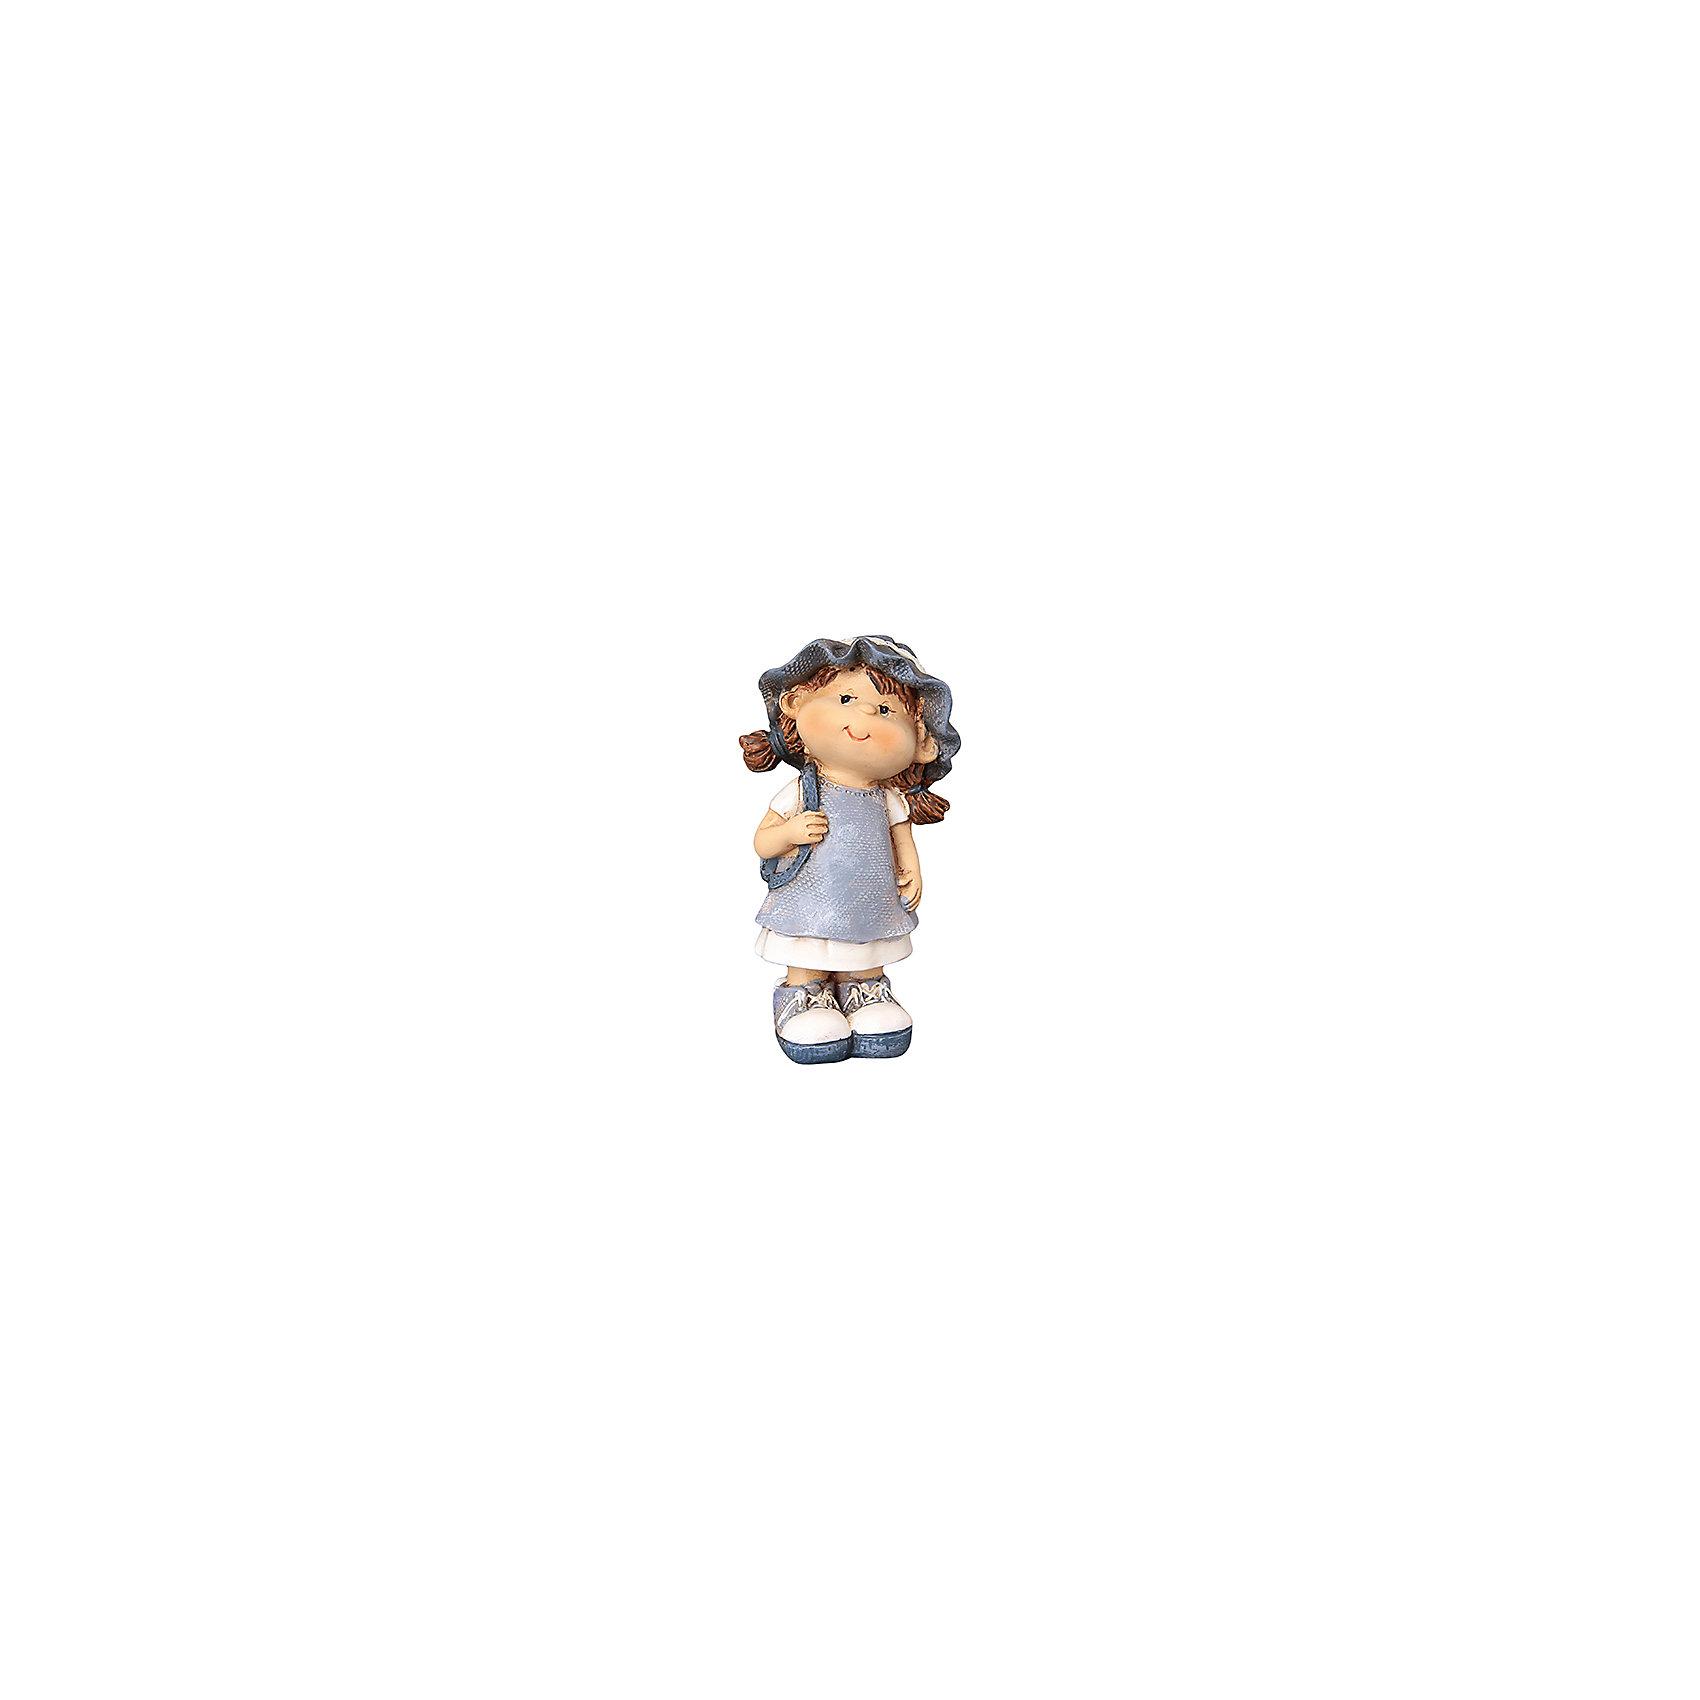 Фигурка декоративная Девочка с рюкзачком, Elan GalleryПредметы интерьера<br>Характеристики товара:<br><br>• цвет: мульти<br>• материал: полистоун<br>• высота: 10 см<br>• вес: 100 г<br>• подходит к любому интерьеру<br>• отлично проработаны детали<br>• универсальный размер<br>• страна бренда: Российская Федерация<br>• страна производства: Китай<br><br>Такая декоративная фигурка - отличный пример красивой вещи для любого интерьера. Благодаря универсальному дизайну и расцветке она хорошо будет смотреться в помещении.<br><br>Декоративная фигурка может стать отличным приобретением для дома или подарком для любителей симпатичных вещей, украшающих пространство.<br><br>Бренд Elan Gallery - это красивые и практичные товары для дома с современным дизайном. Они добавляют в жильё уюта и комфорта! <br><br>Фигурку декоративную Девочка с рюкзачком, Elan Gallery можно купить в нашем интернет-магазине.<br><br>Ширина мм: 45<br>Глубина мм: 38<br>Высота мм: 97<br>Вес г: 121<br>Возраст от месяцев: 0<br>Возраст до месяцев: 1188<br>Пол: Унисекс<br>Возраст: Детский<br>SKU: 6668954